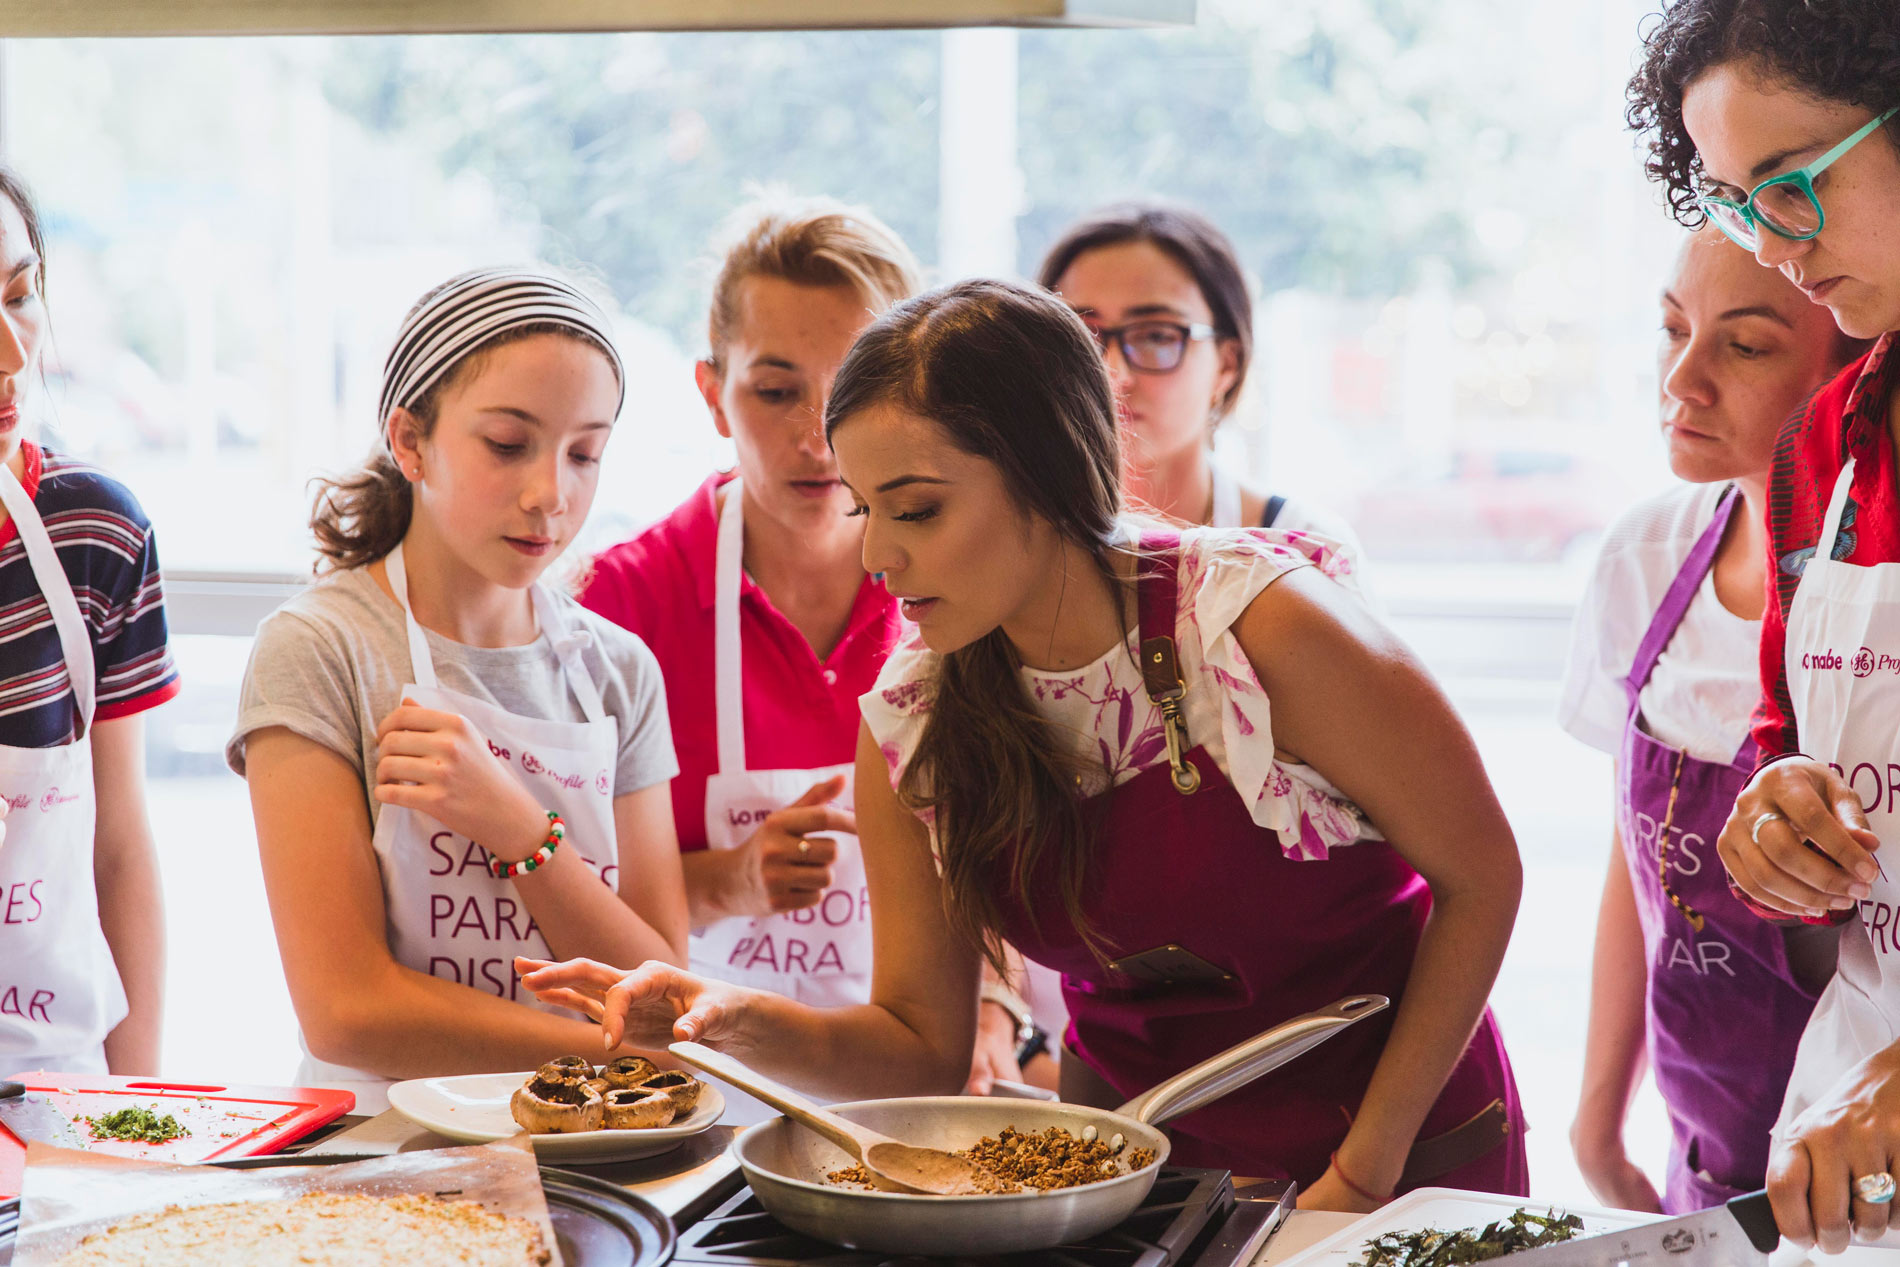 Mujer health coach dictando un taller de cocina saludable probando platos